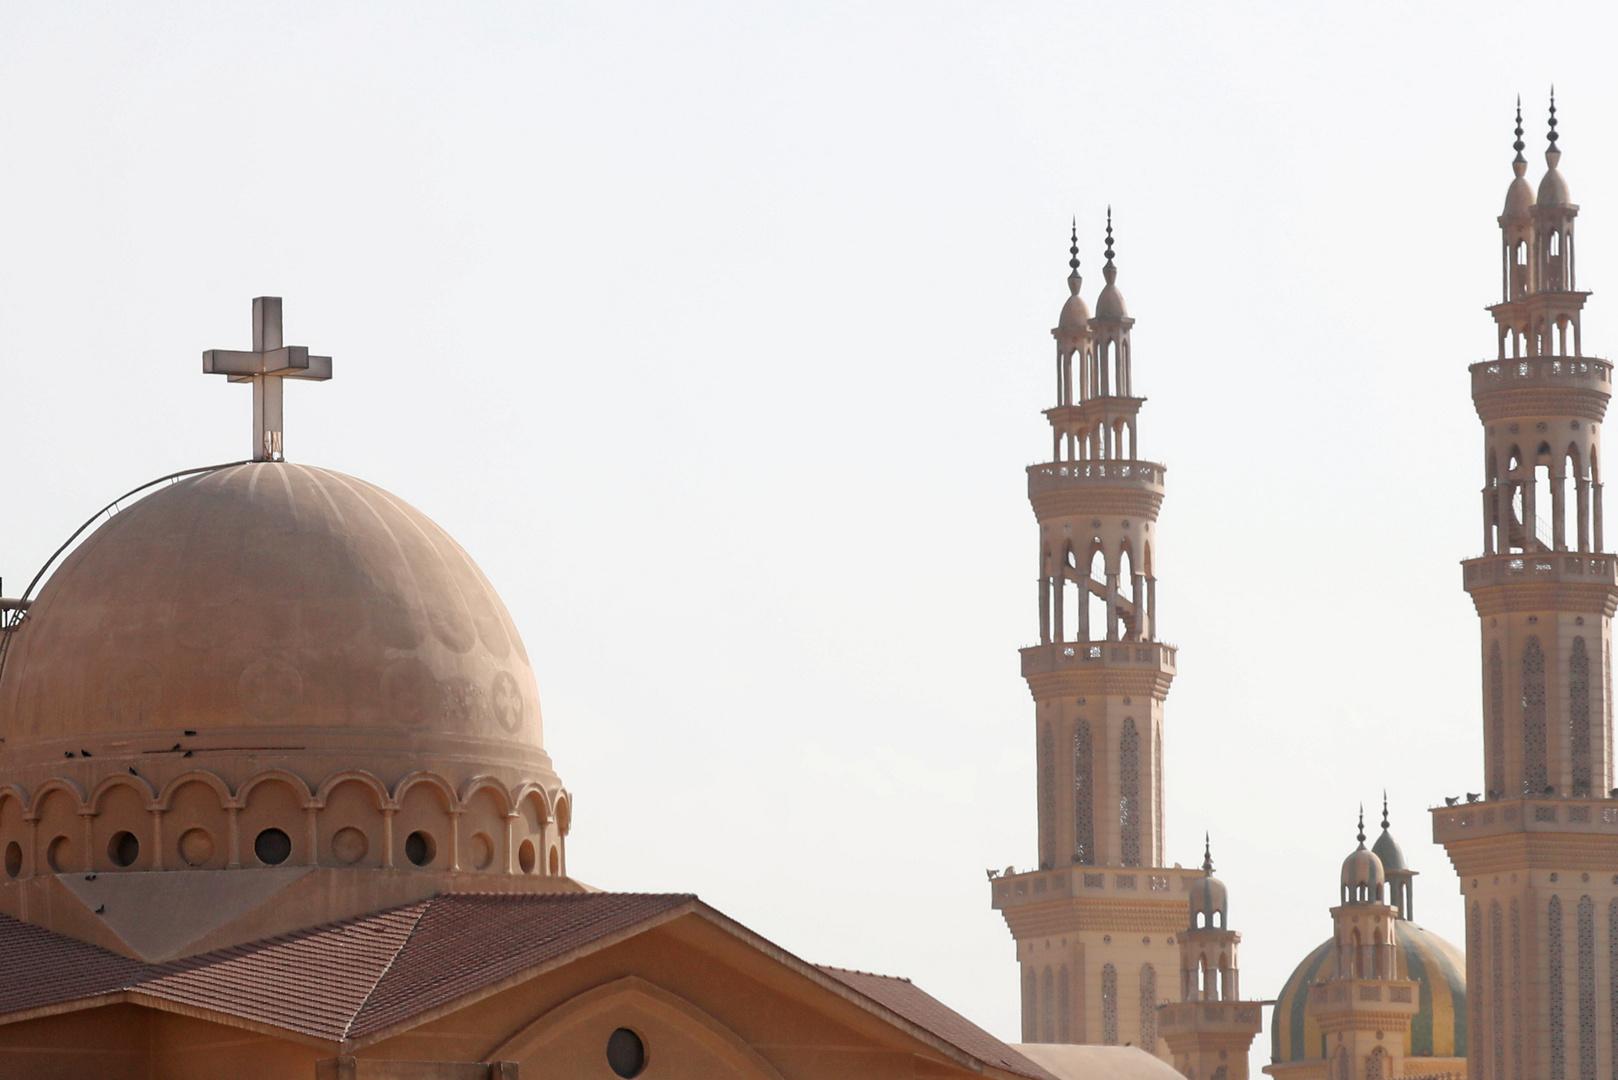 إثر كورونا.. وفاة كاهن اشتهر بحضور الصلاة داخل أحد المساجد بمصر